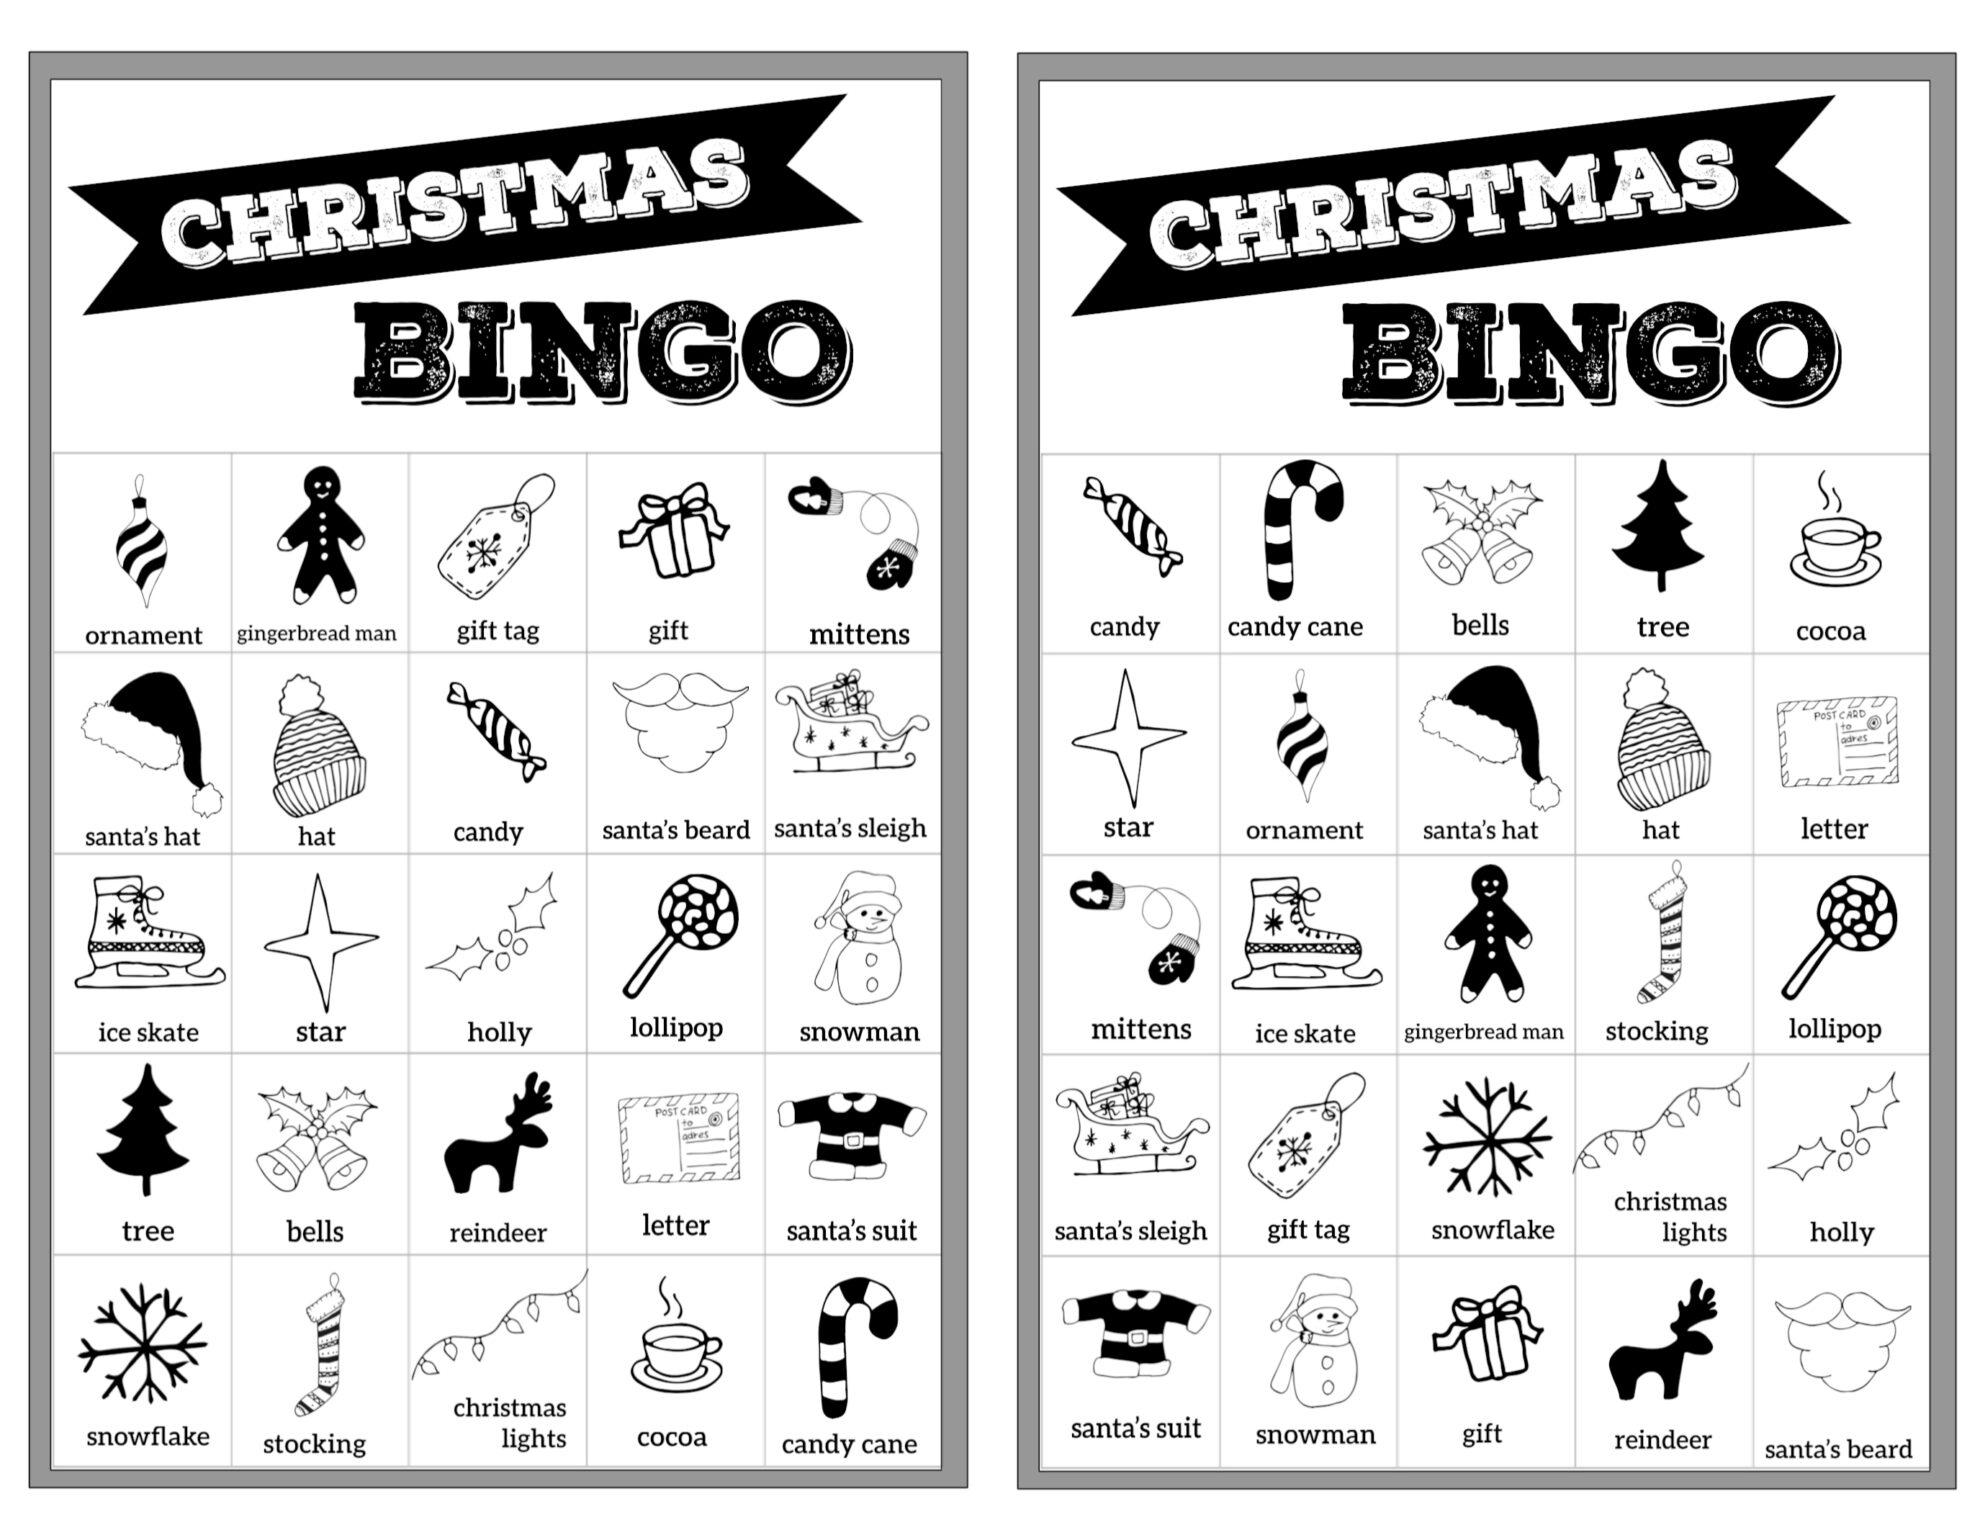 Bingo Board Worksheet | Printable Worksheets And Activities